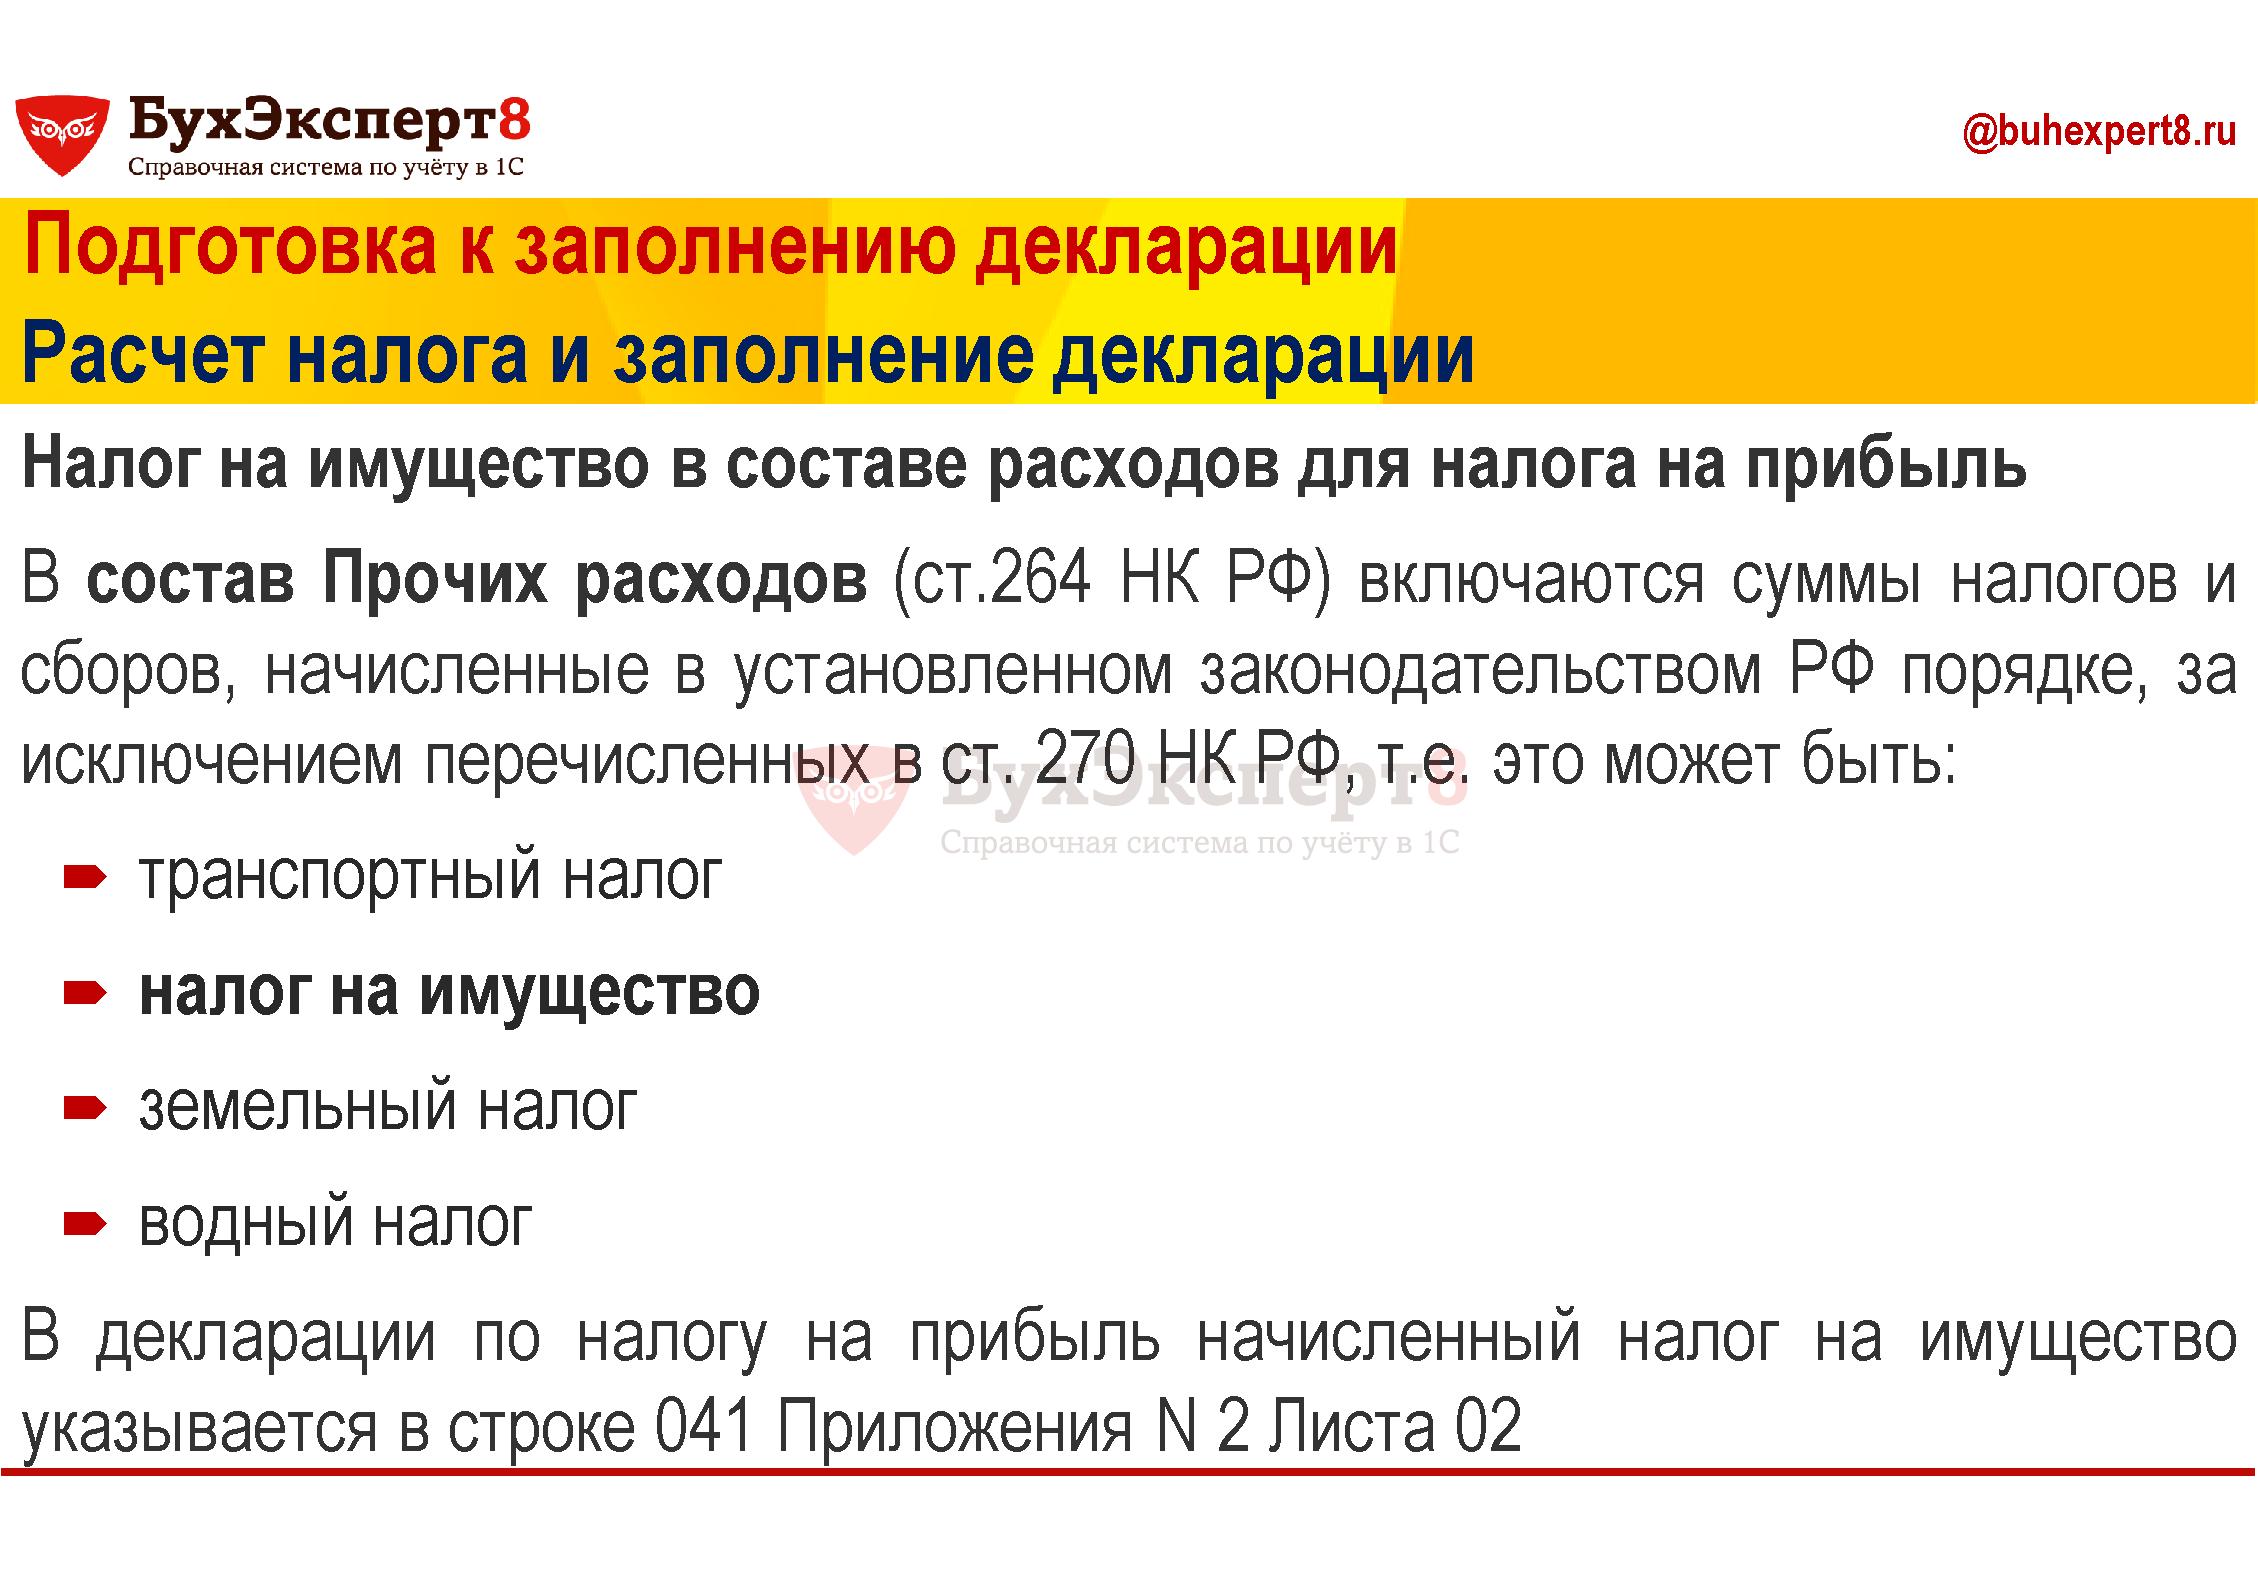 Подготовка к заполнению декларации Расчет налога и заполнение декларации Налог на имущество в составе расходов для налога на прибыль В состав Прочих расходов (ст.264 НК РФ) включаются суммы налогов и сборов, начисленные в установленном законодательством РФ порядке, за исключением перечисленных в ст. 270 НК РФ, т.е. это может быть: транспортный налог налог на имущество земельный налог водный налог В декларации по налогу на прибыль начисленный налог на имущество указывается в строке 041 Приложения N 2 Листа 02